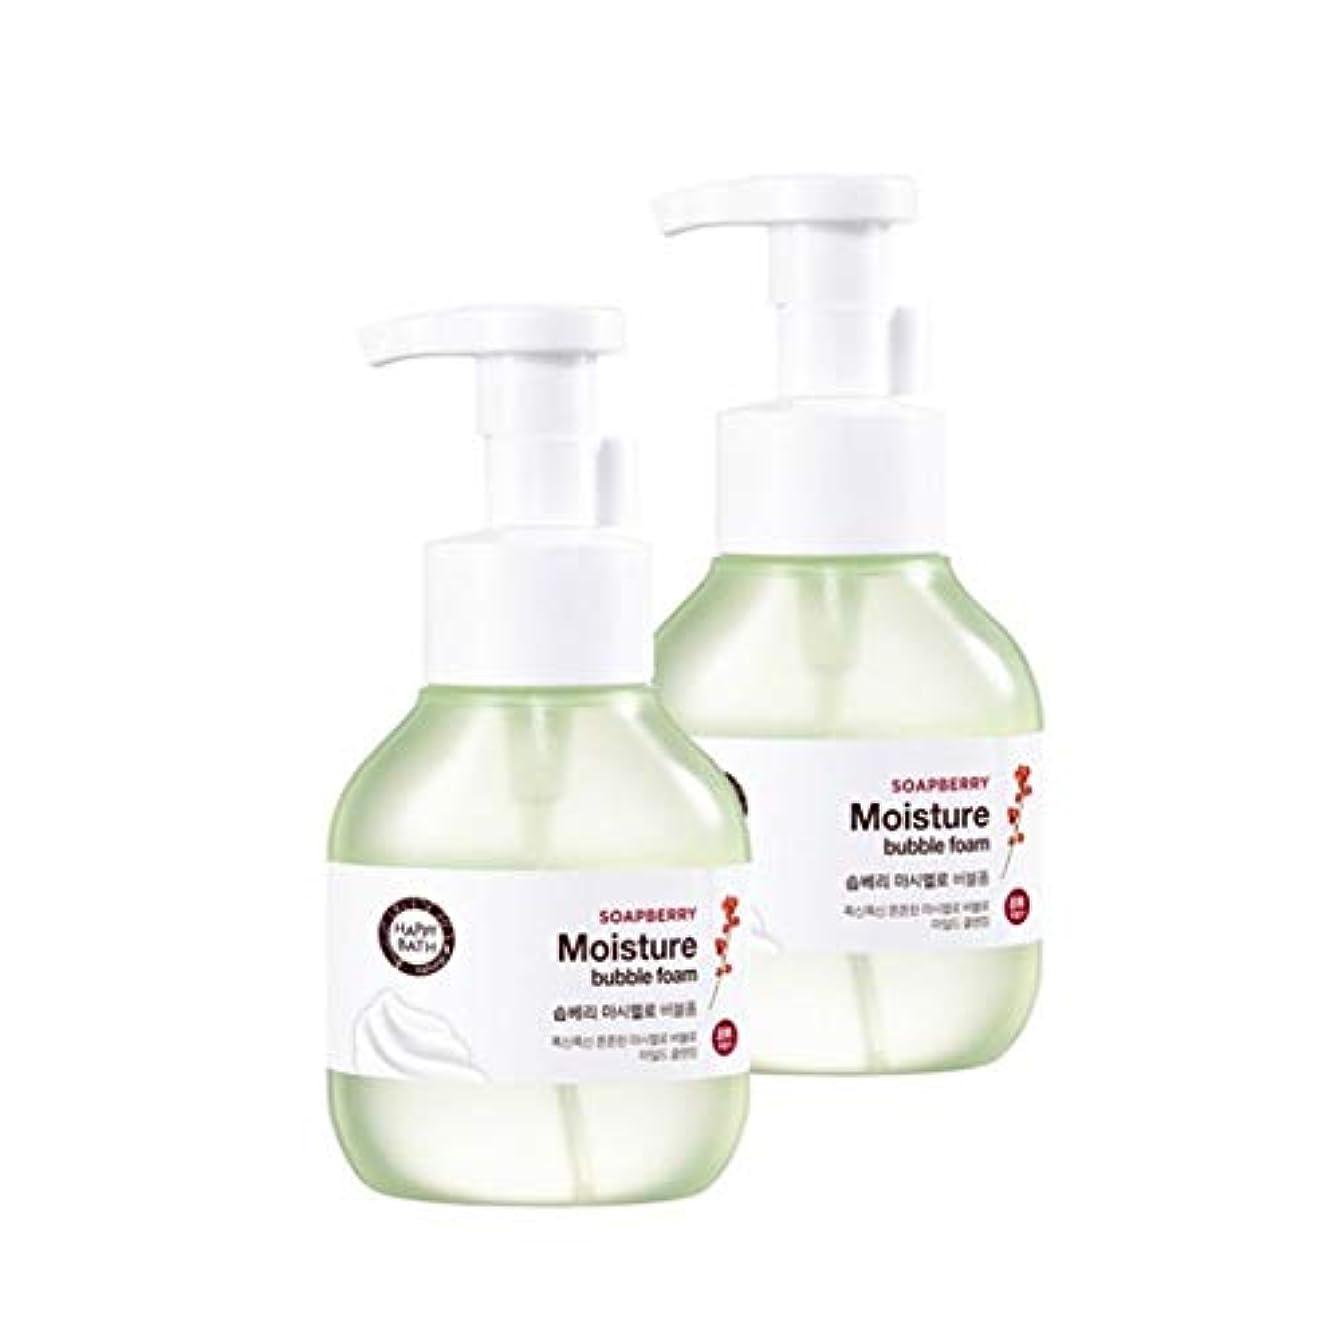 豚肉遅い運動するハッピーバスソープベリーマシュマロバブルフォーム300mlx2本セット韓国コスメ、Happy Bath Soapberry Moisture Bubble Foam 300ml x 2ea Set Korean Cosmetics...